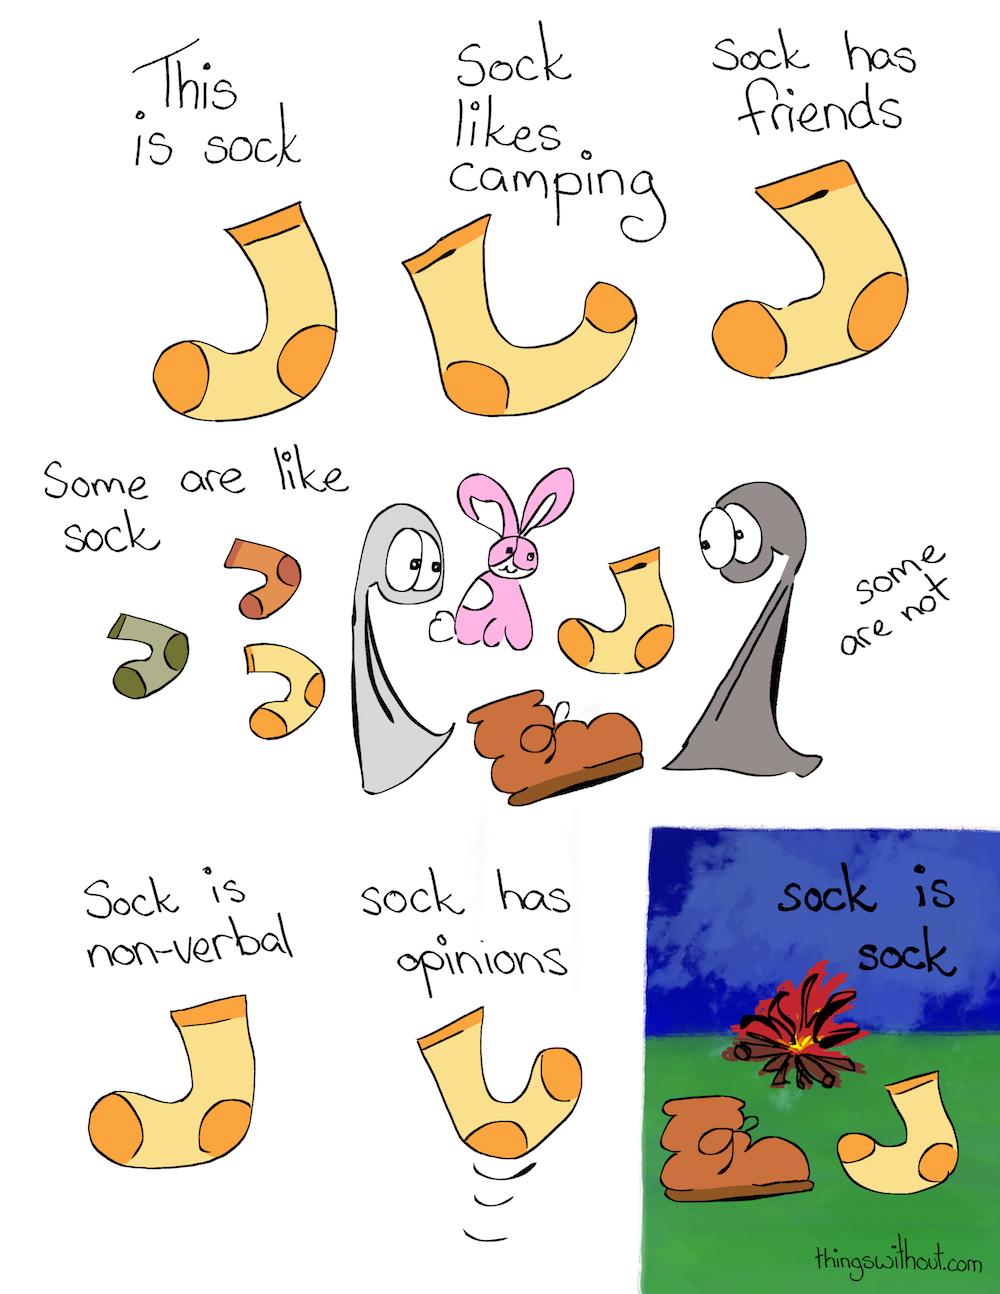 548: Sock is Sock